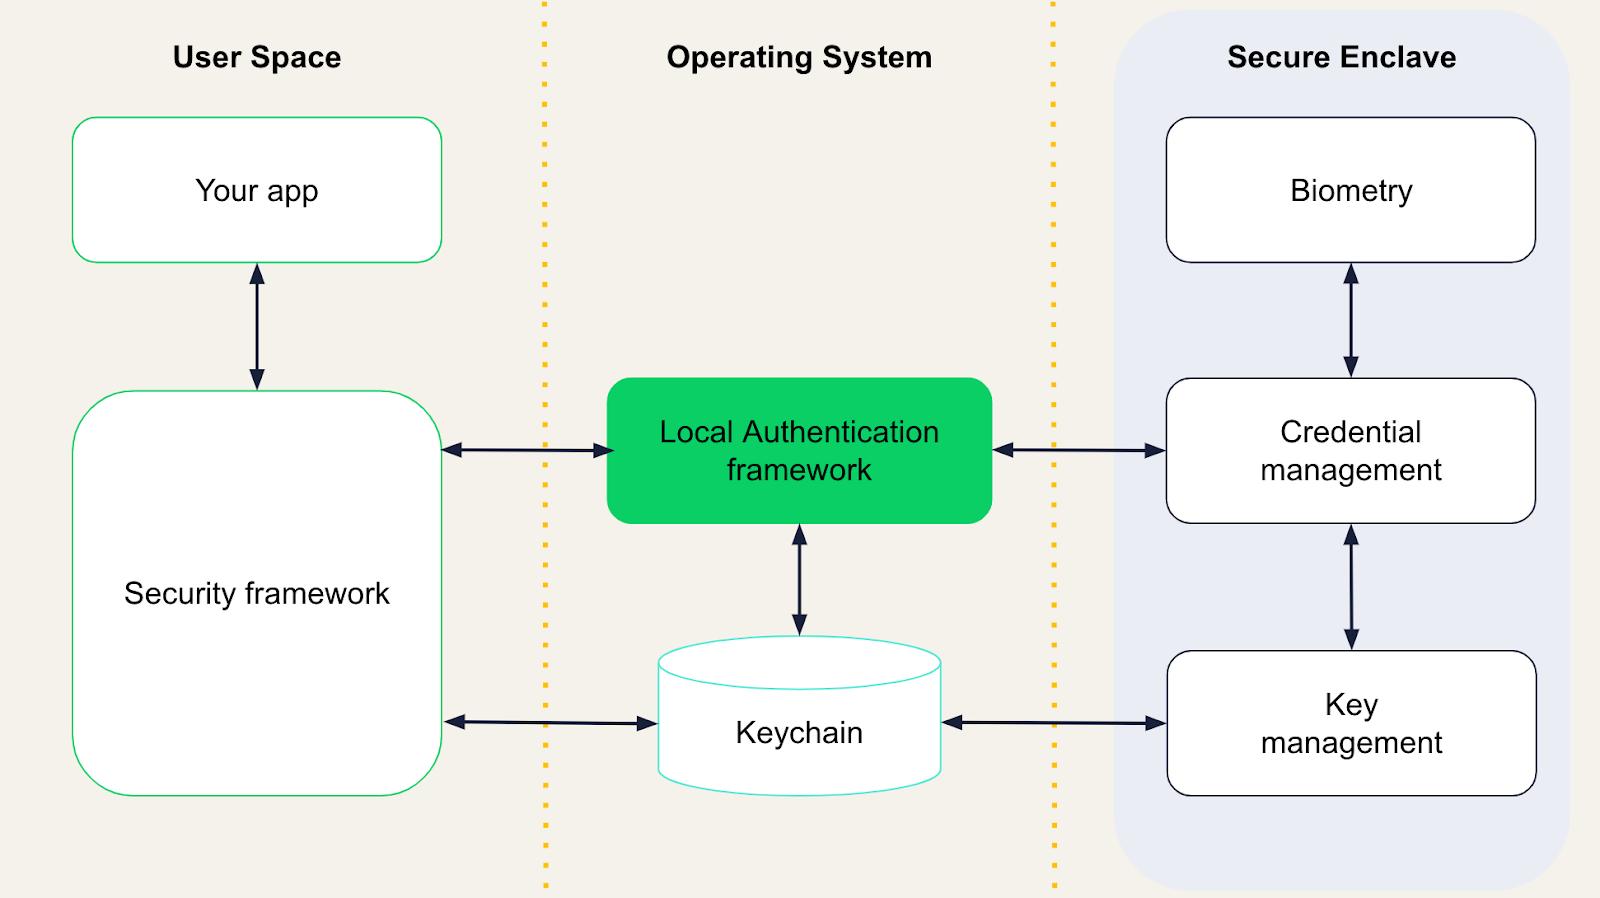 Схема разделения зон ответственности между приложением, OS и Secure Enclave